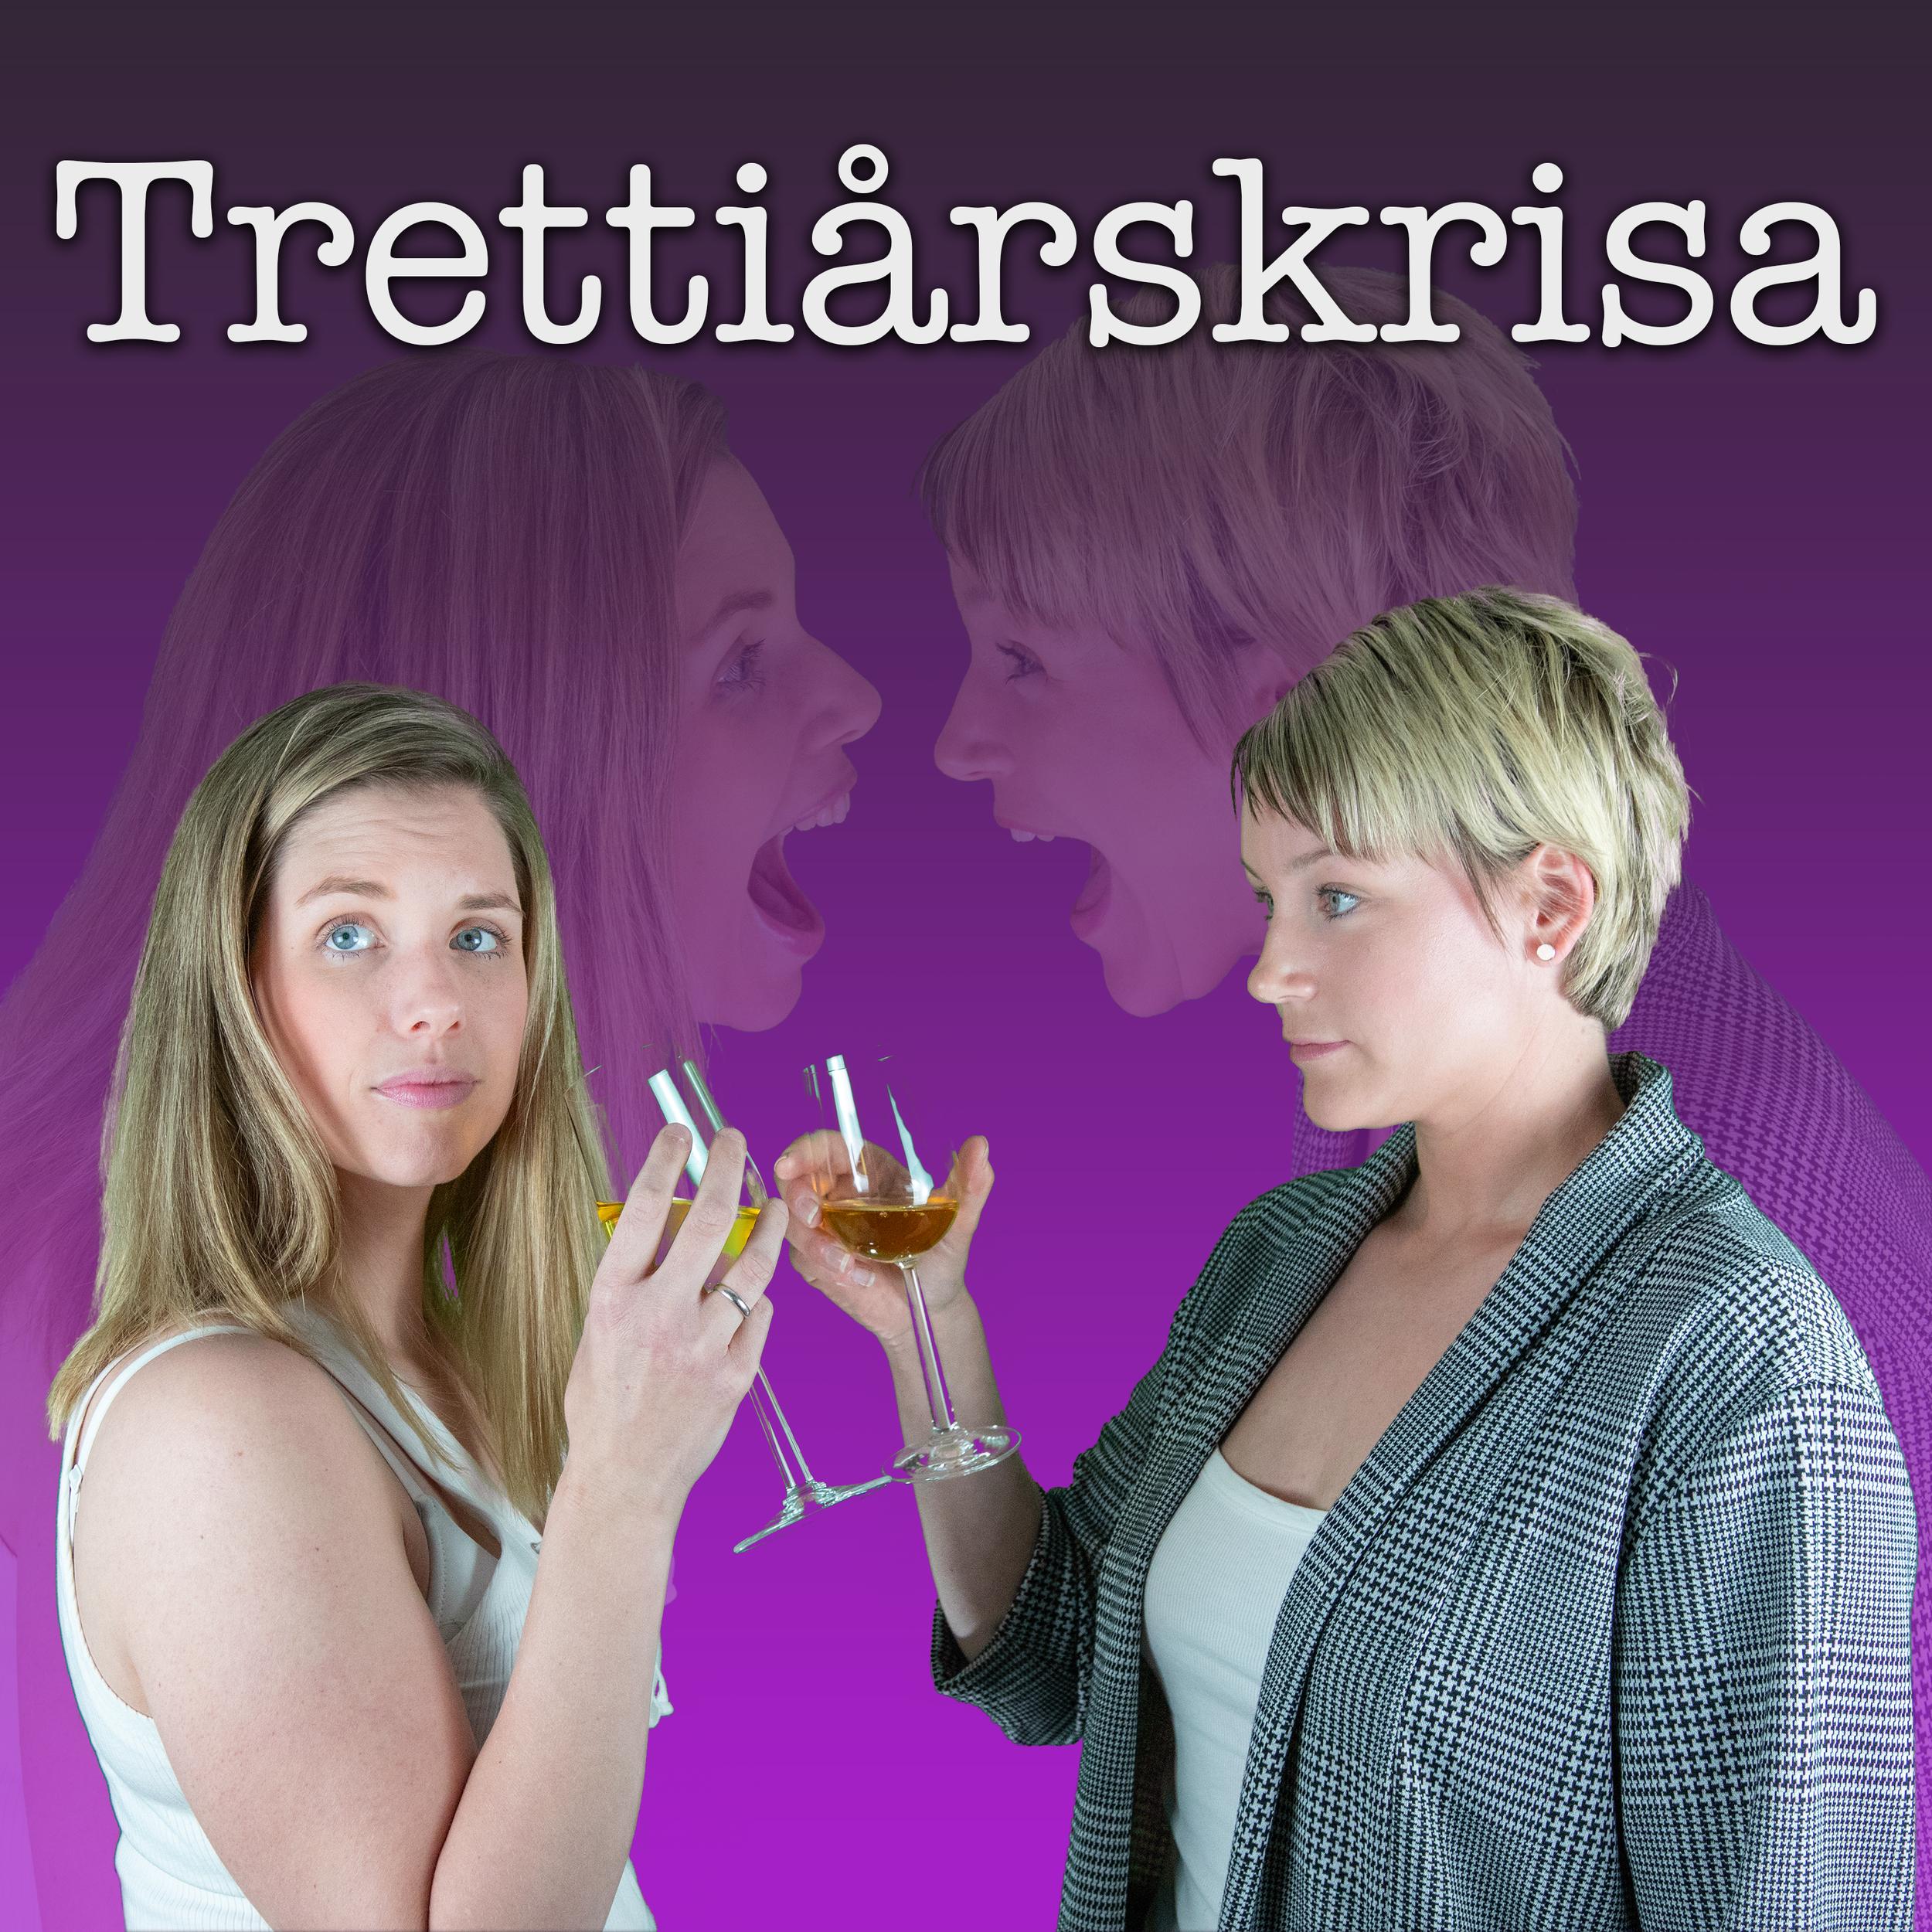 Trettiårskrisa - Monica og Agnete snakker om livet i trettiårene og alle utfordringene det byr på.